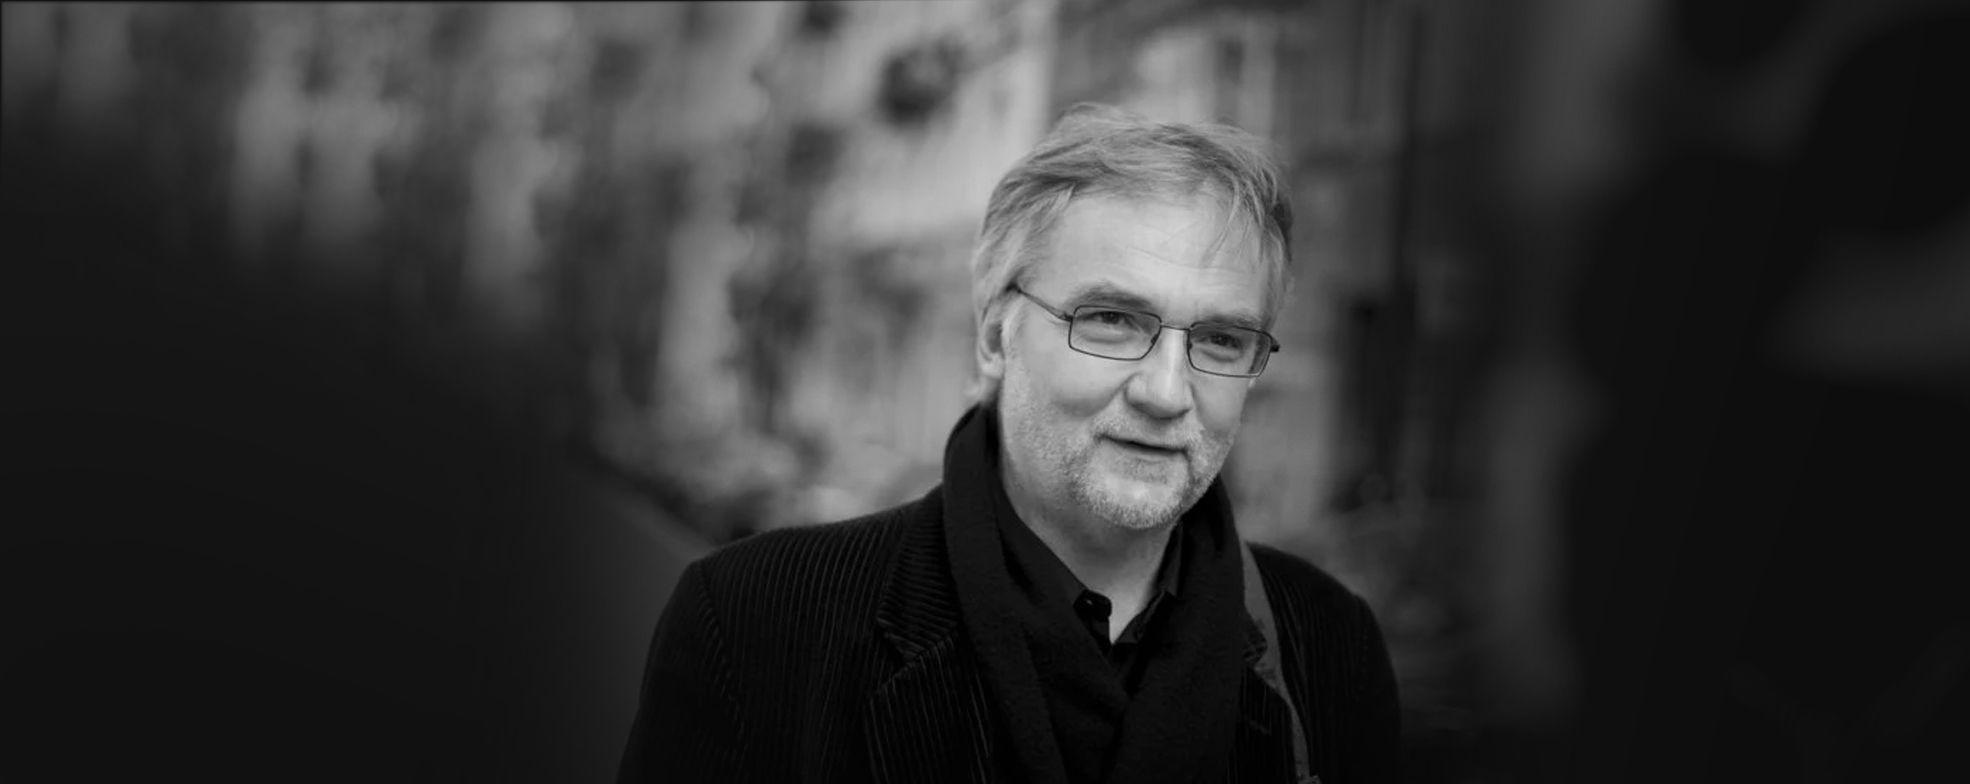 Nie żyje Jerzy Pilch, laureat Nagrody Literackiej Nike.